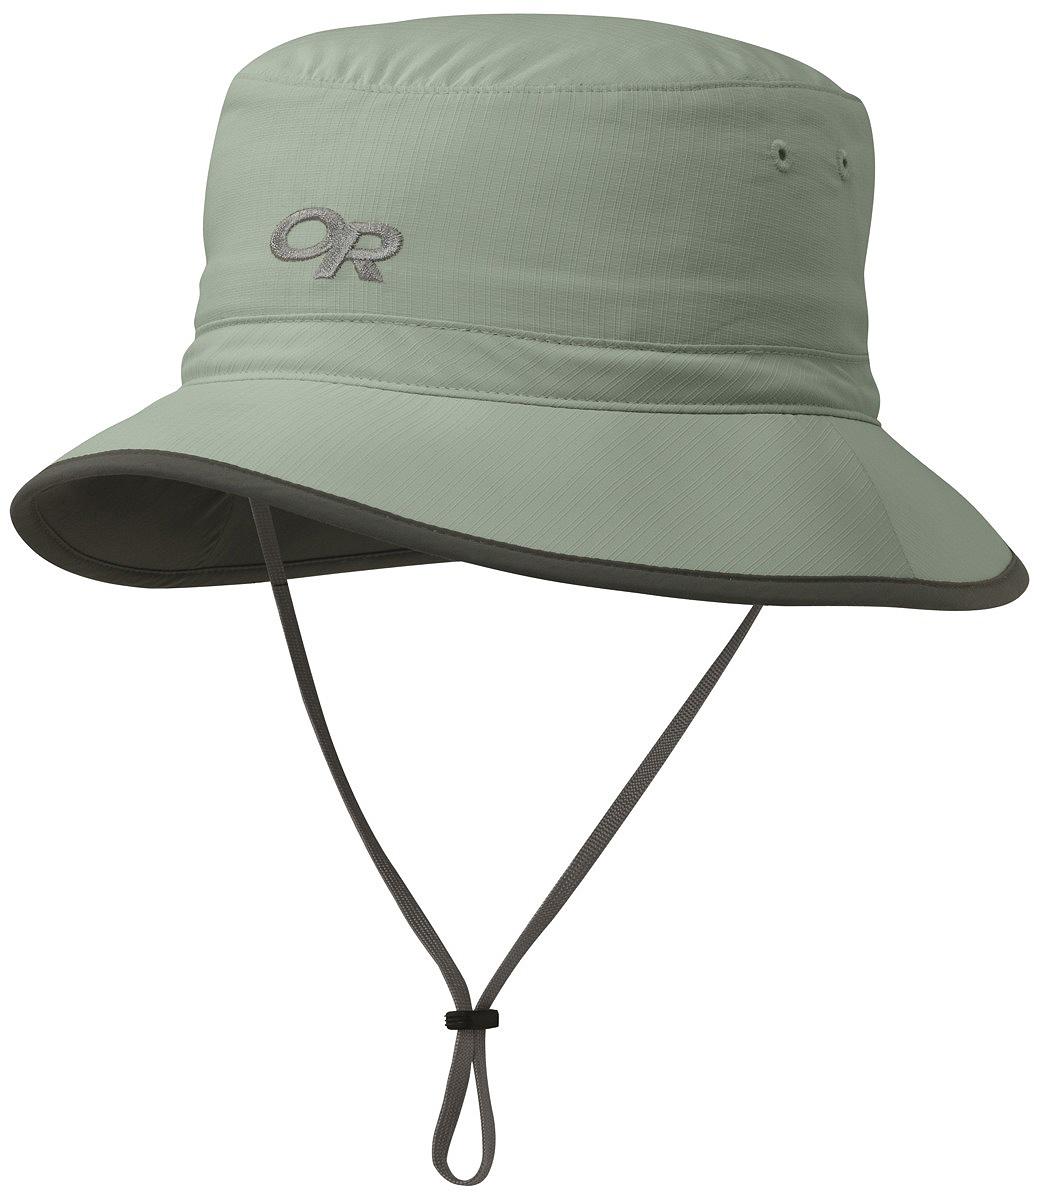 Купить Панама Outdoor Research Sun Bucket, цвет: зеленый. 2434710610. Размер M